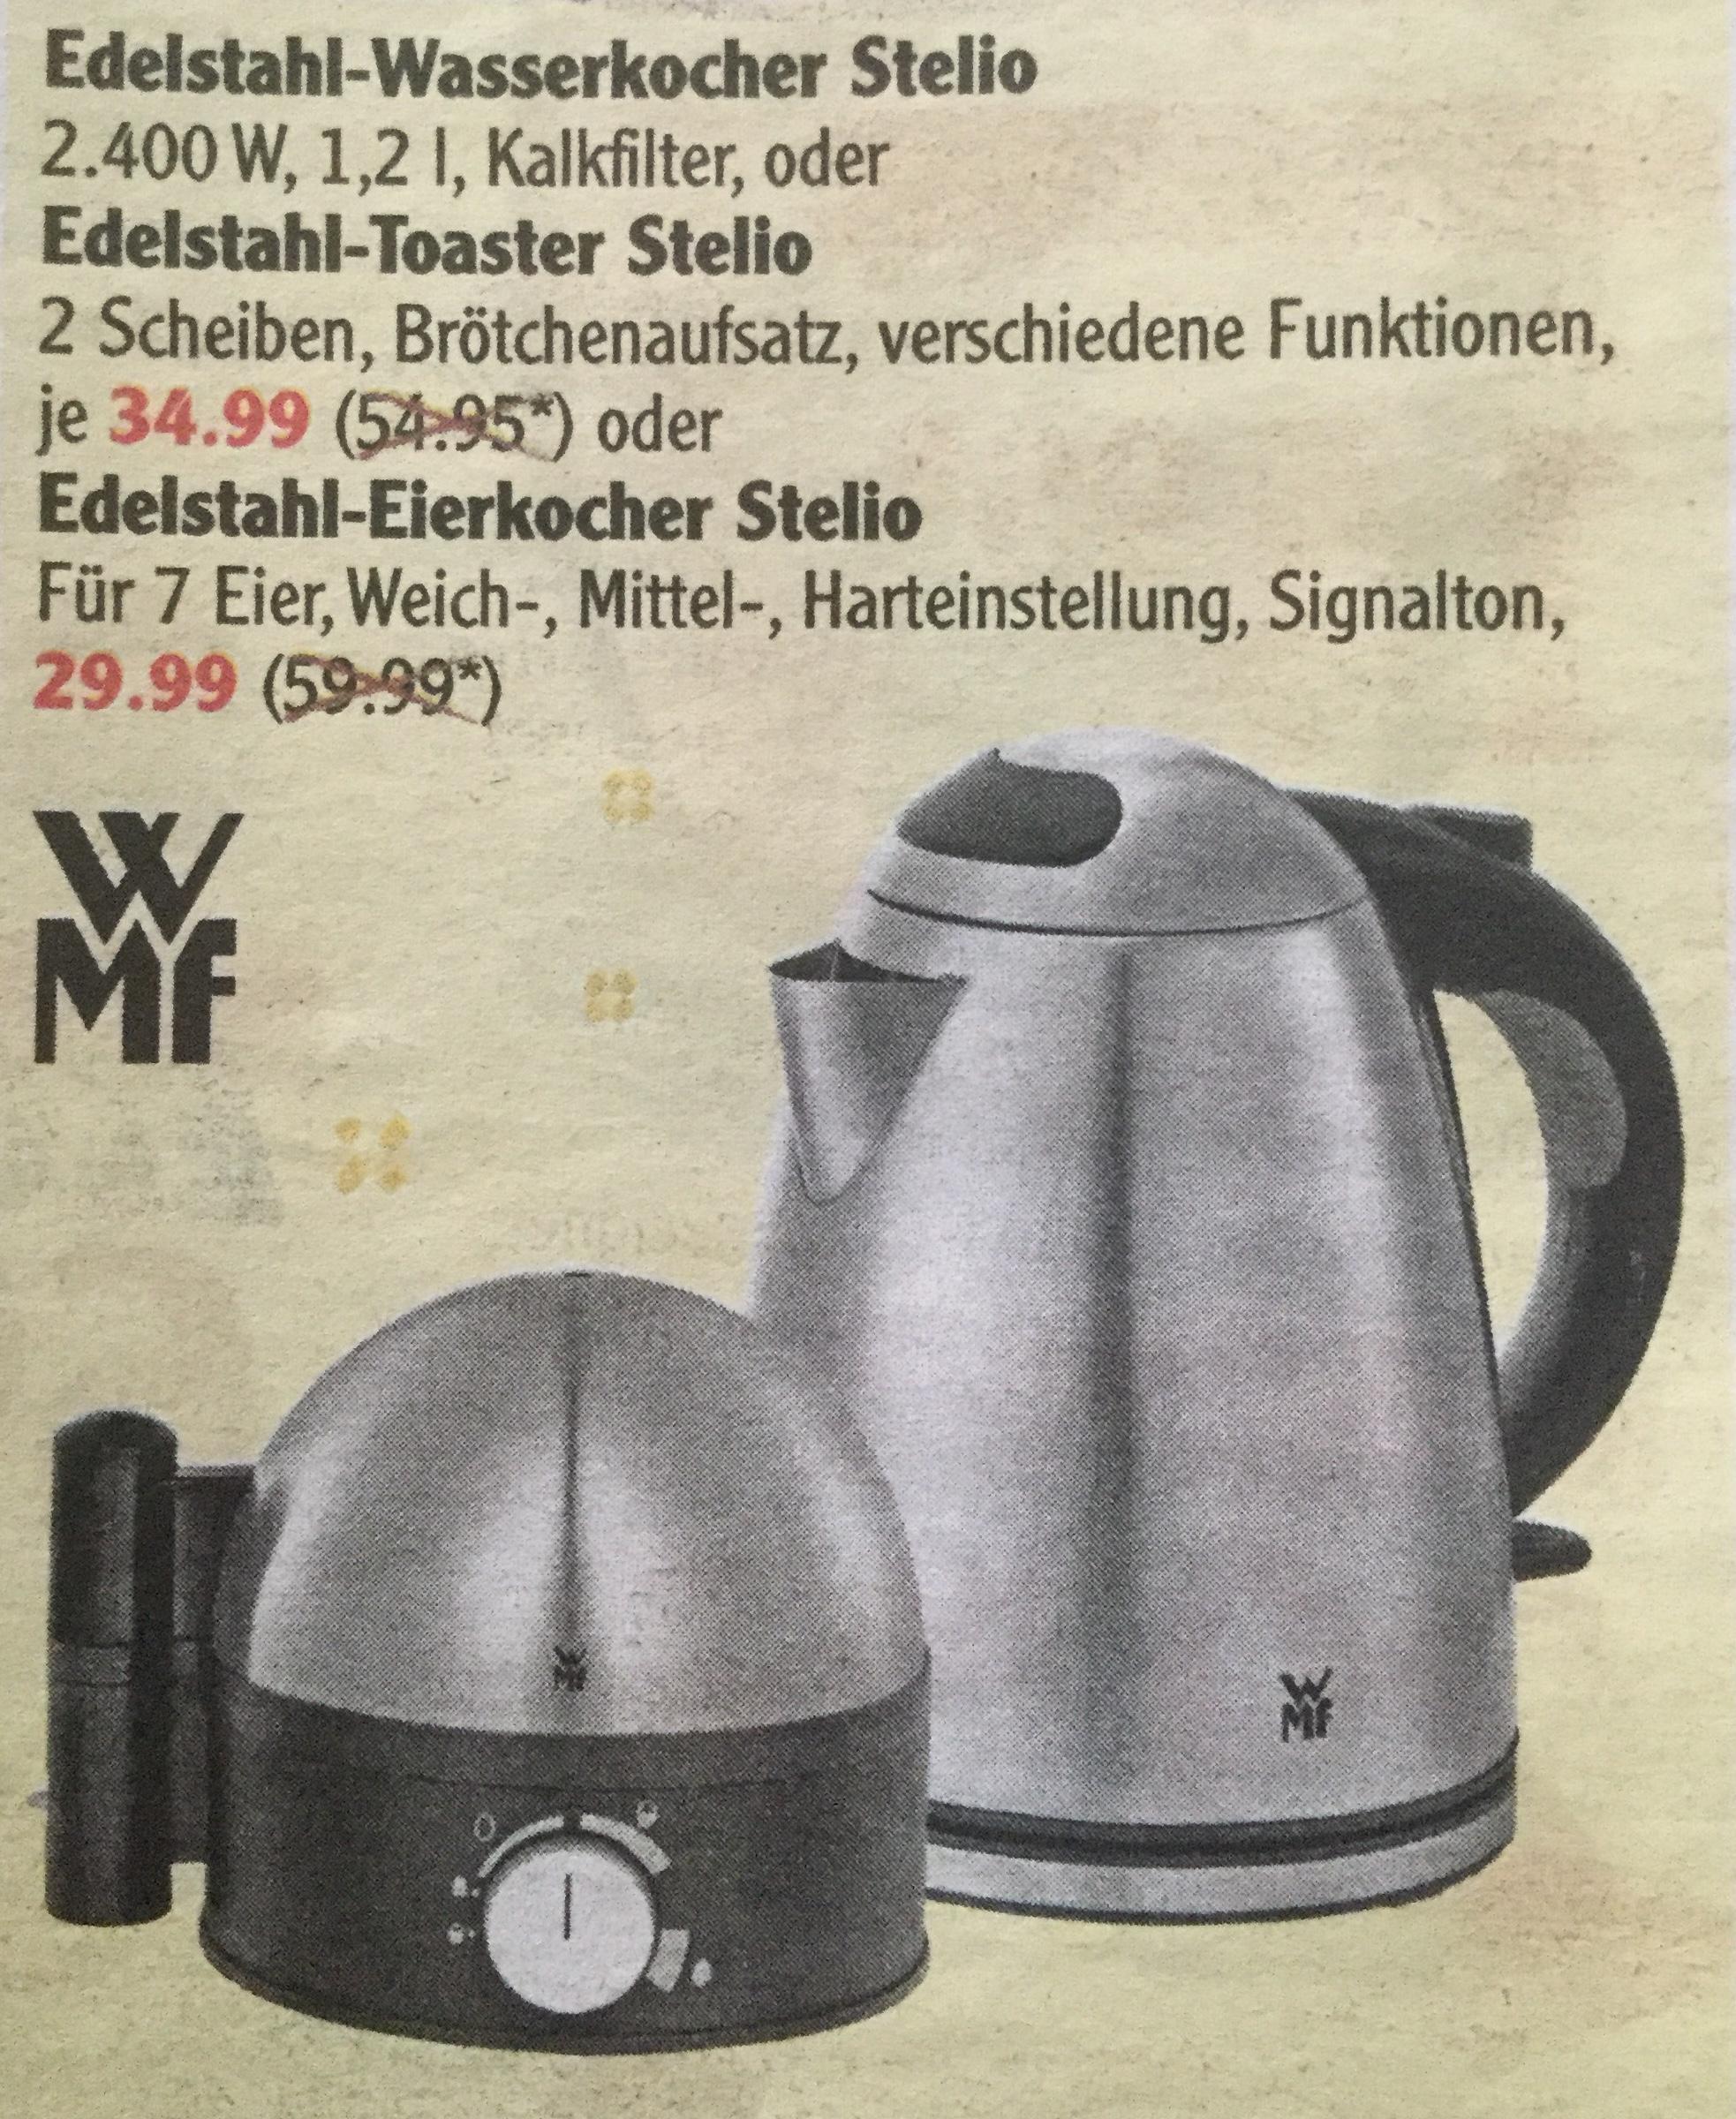 WMF Eierkocher Stelio bei Globus Rüsselsheim